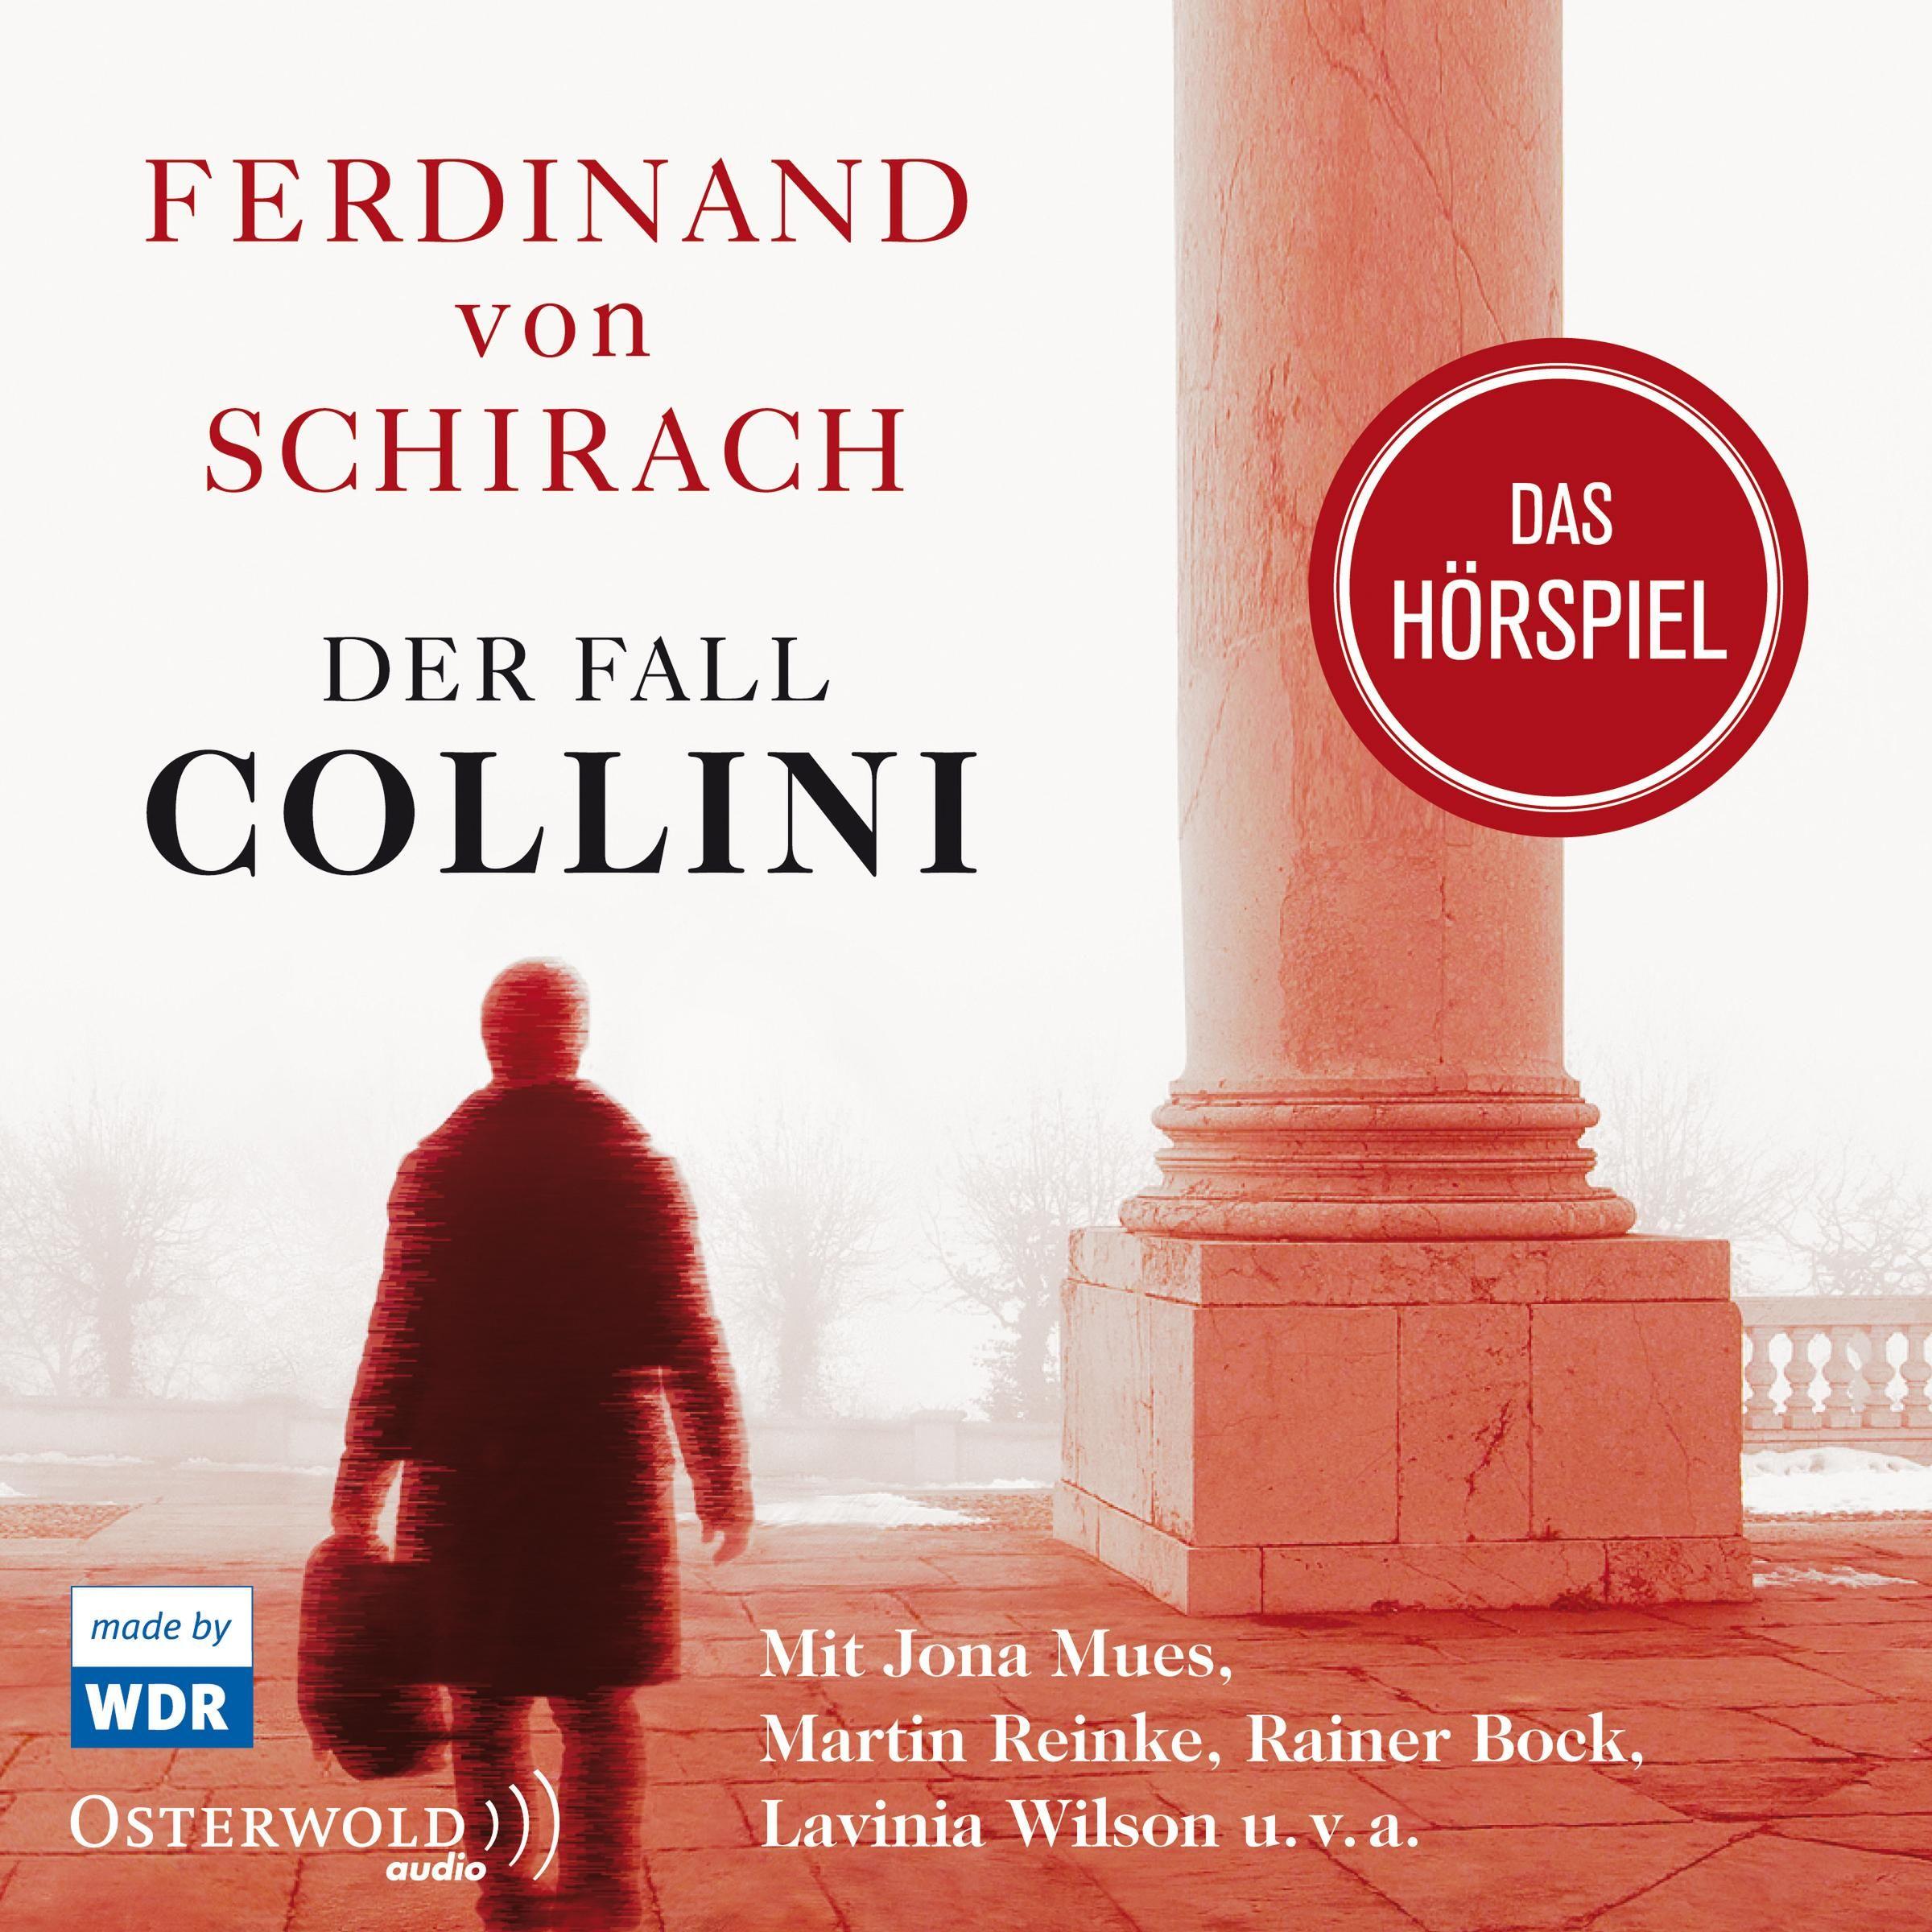 Ferdinand-von-Schirach-Der-Fall-Collini-Hoerspiel-9783869522142